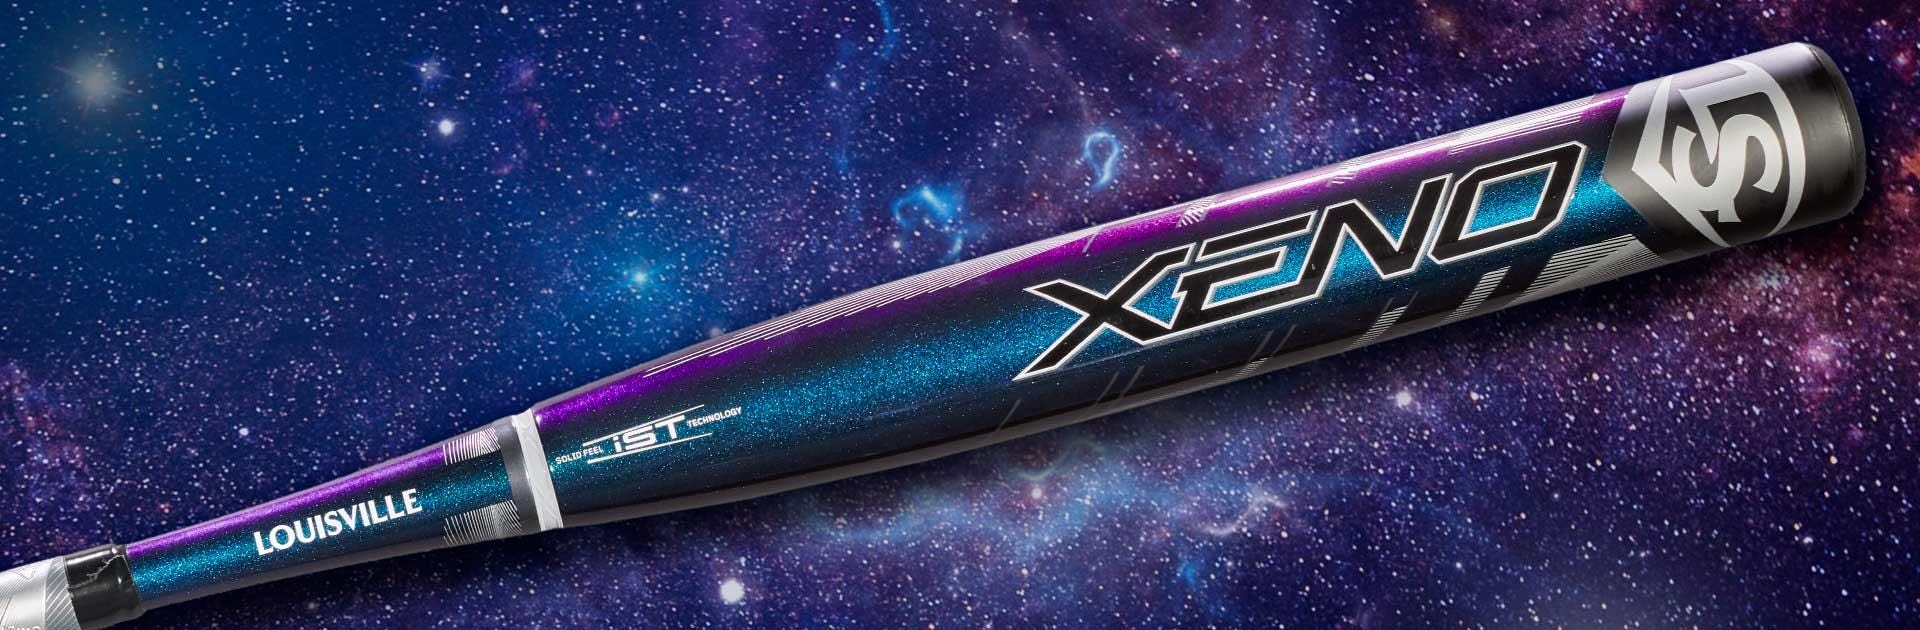 Xeno LTD Twilight bat against galaxy background